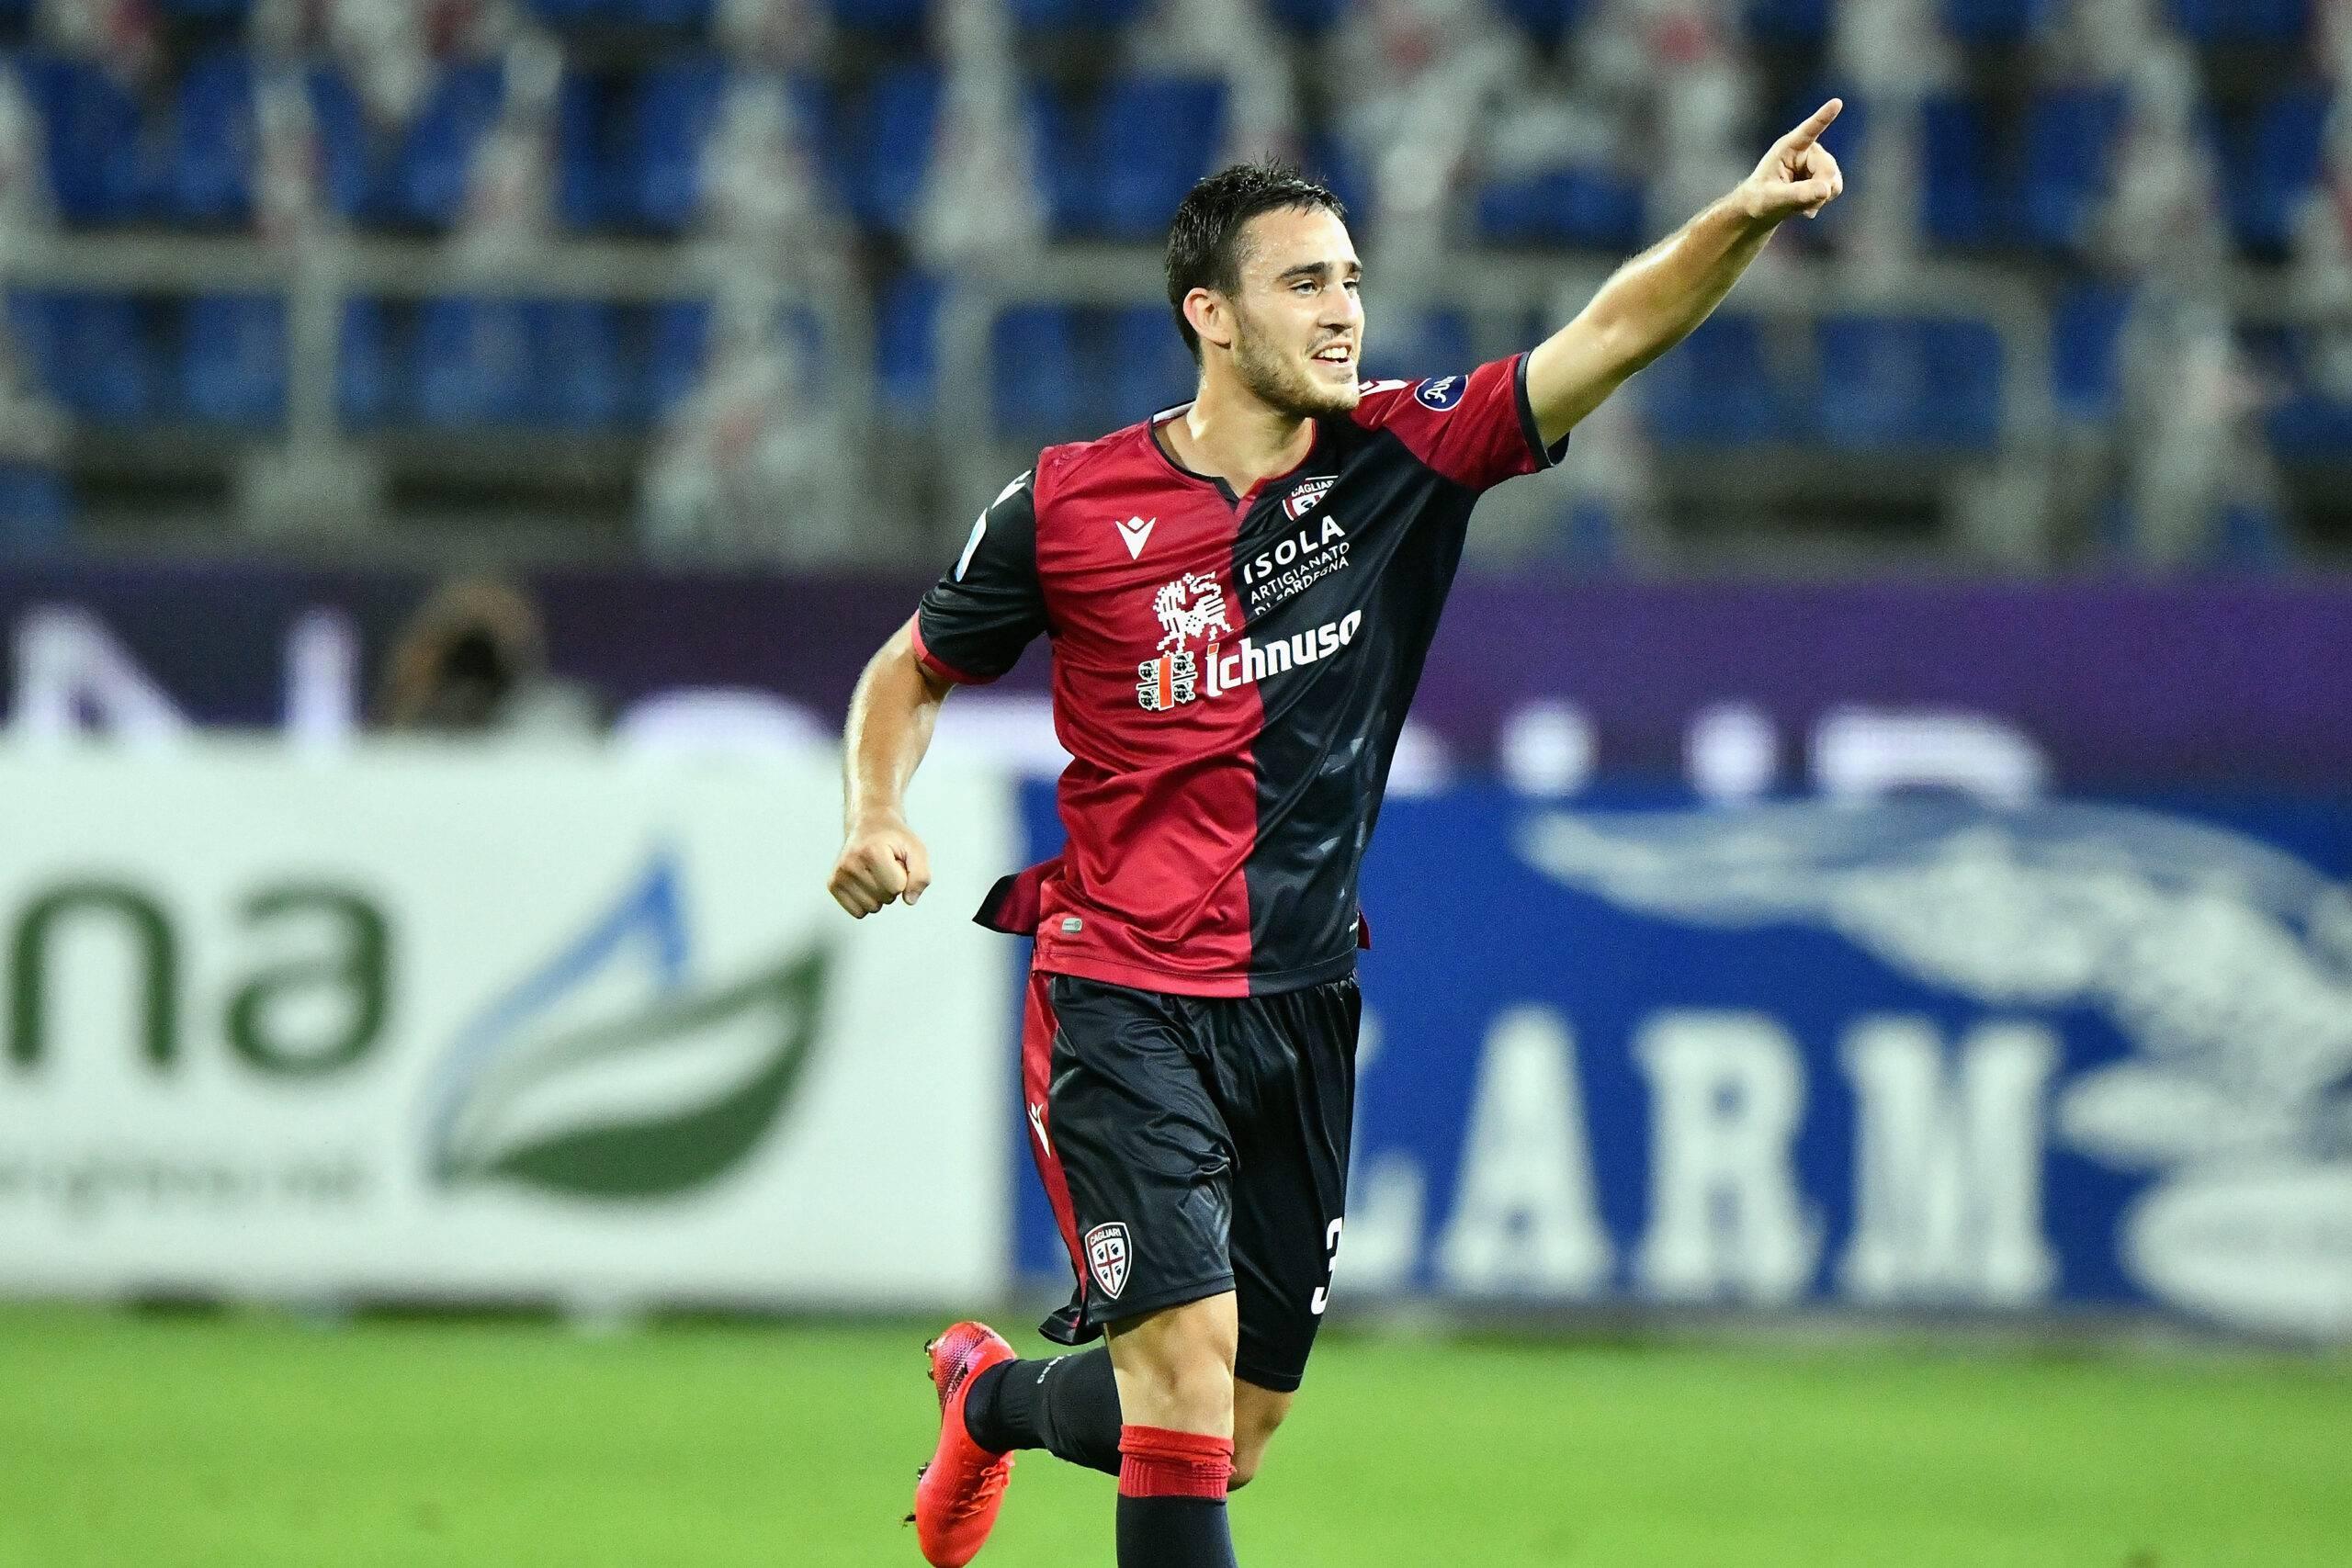 Luca Gagliano, obiettivo del calciomercato del Brescia